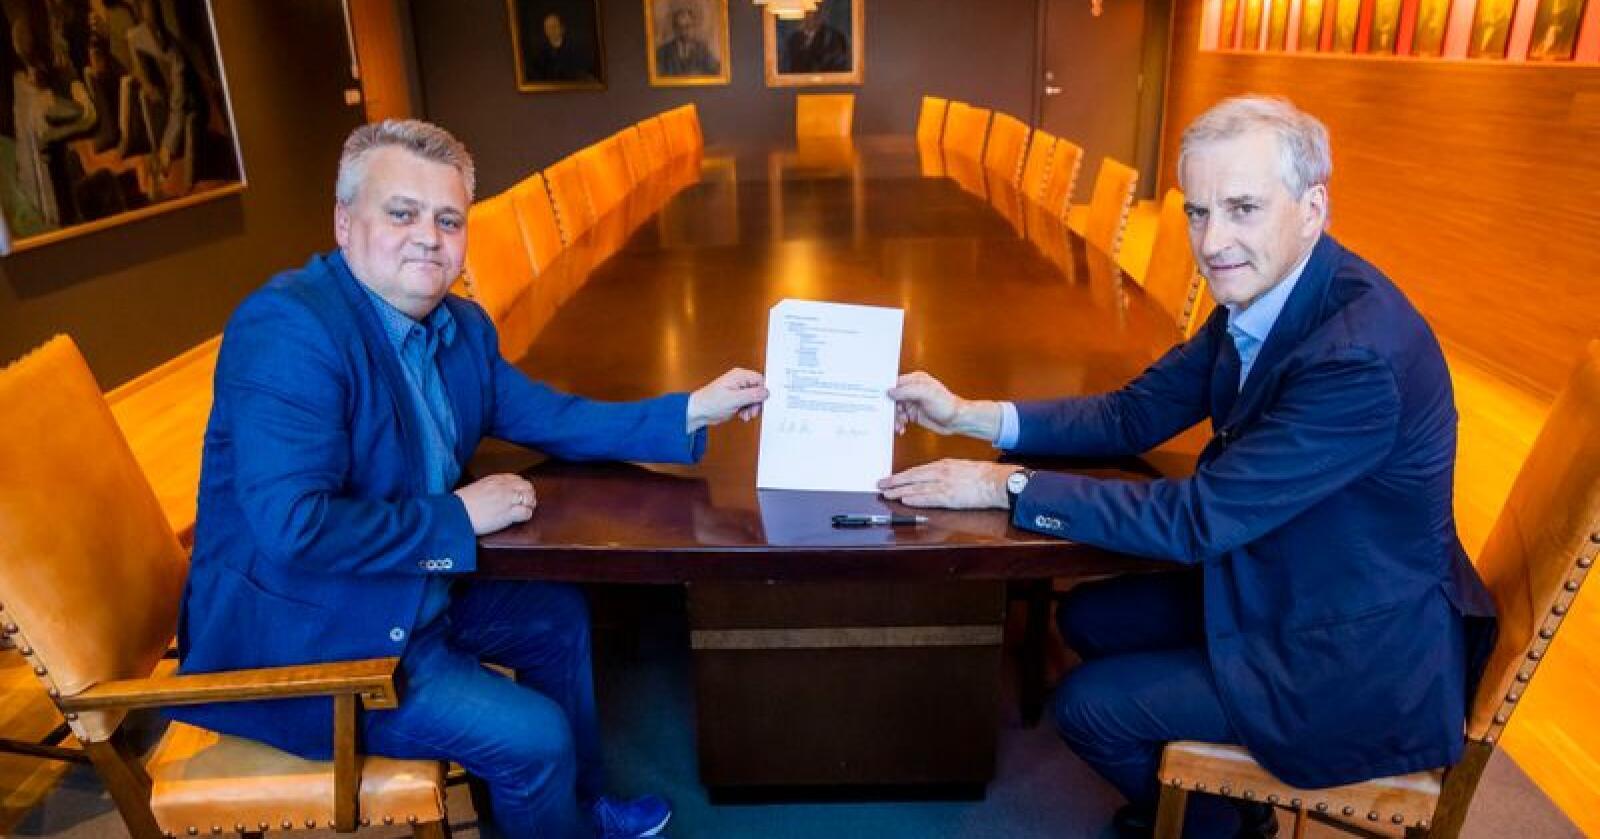 Fellesforbundets leder Jørn Eggum (t.v.) og Arbeiderpartiets leder Jonas Gahr Støre kan havne på kollisjonskurs om hvorvidt det er behov for å utrede EØS-avtalen eller ikke. Foto: Håkon Mosvold Larsen / NTB scanpix